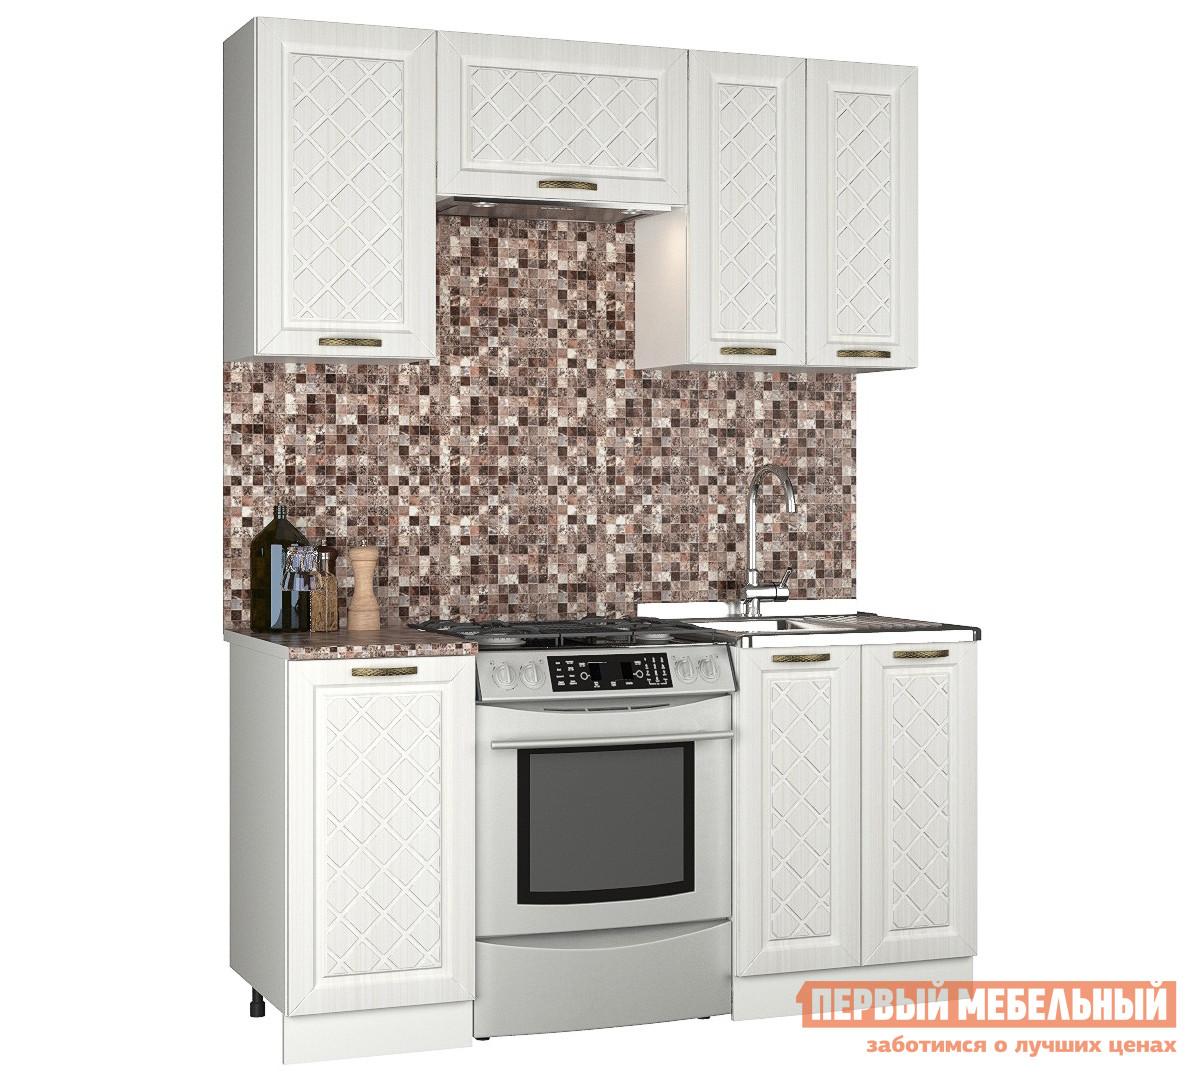 Прямой кухонный гарнитур Первый Мебельный Агава 1.6 м